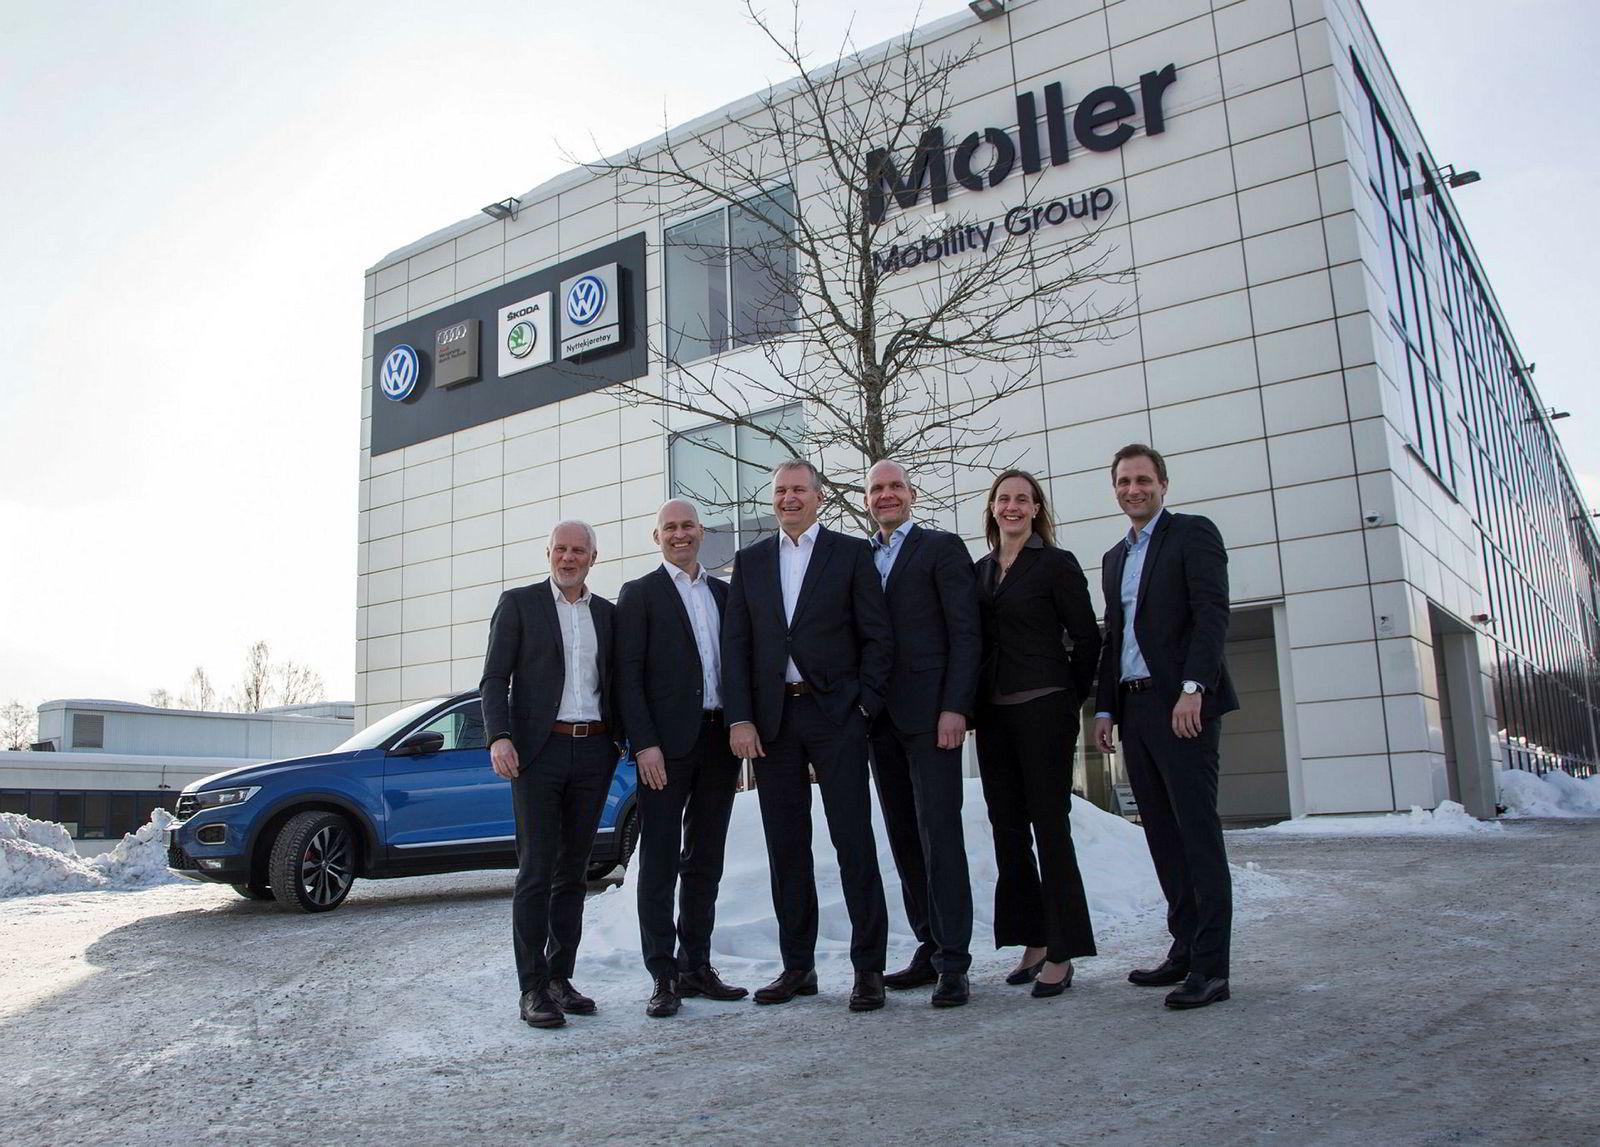 Ledelsen i Møller Mobility Group i 2017. Fra venstre Paul Hegna, Vidar Eriksen, Terje Male, Ulf Tore Hekneby, AnnaNord Bjercke og Petter Hellman.